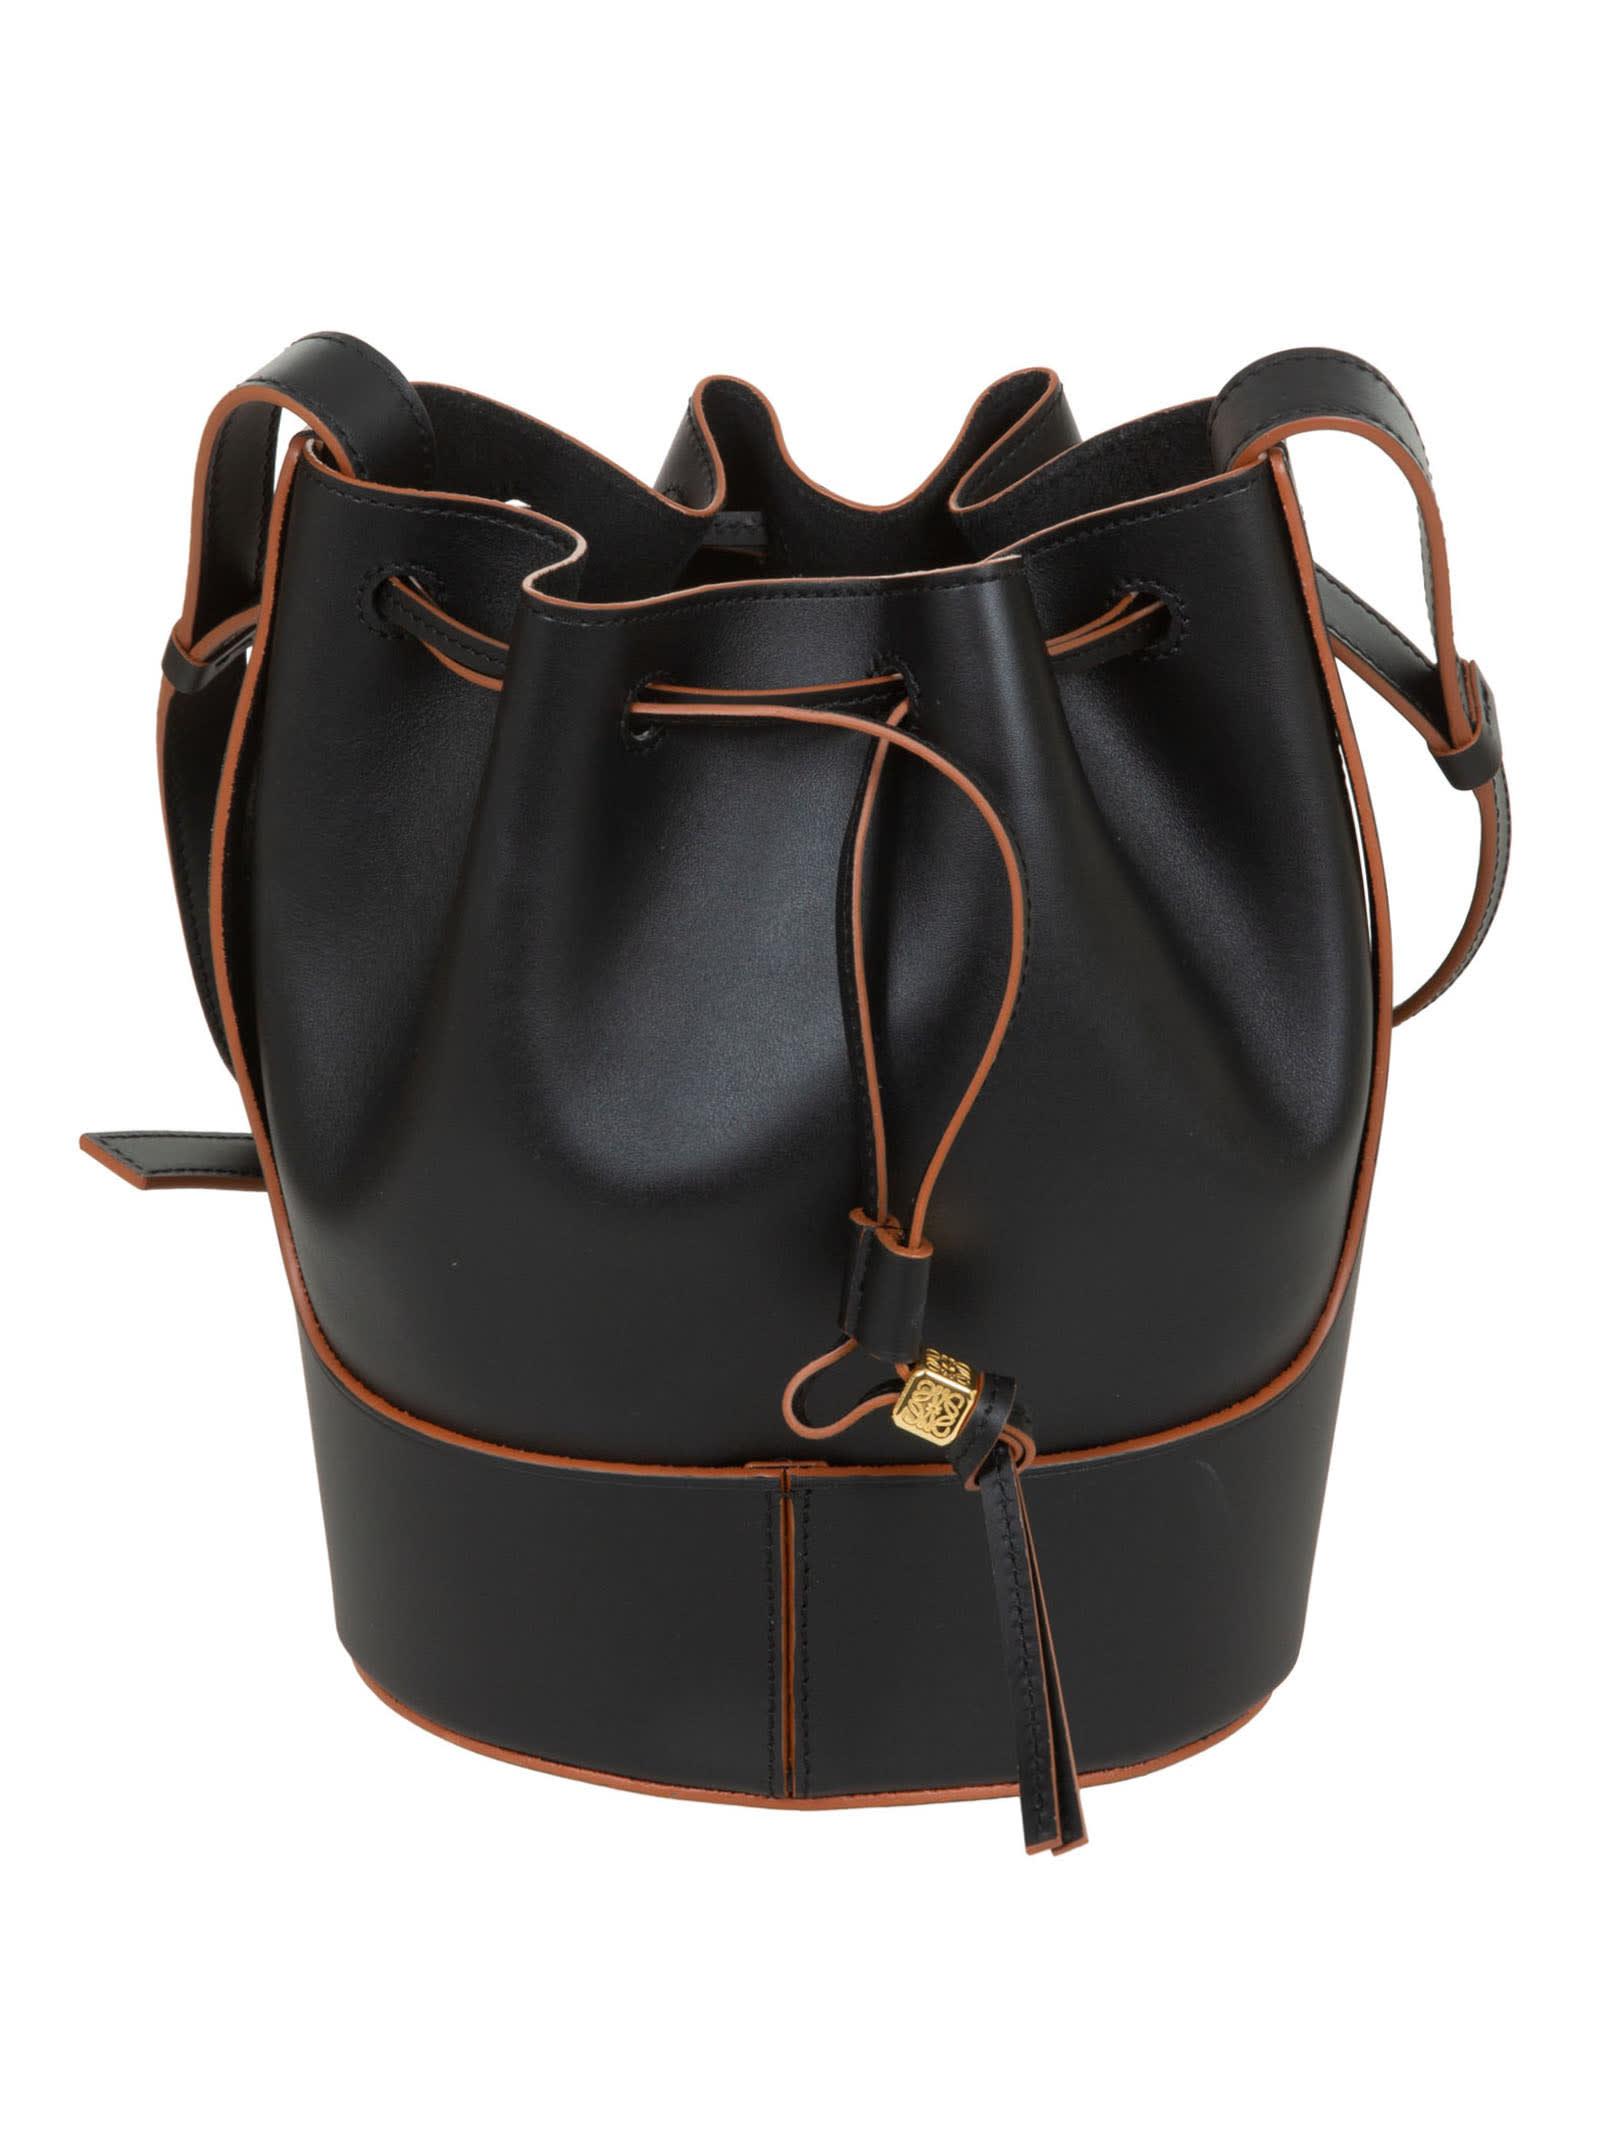 Loewe Balloon Bucket Bag